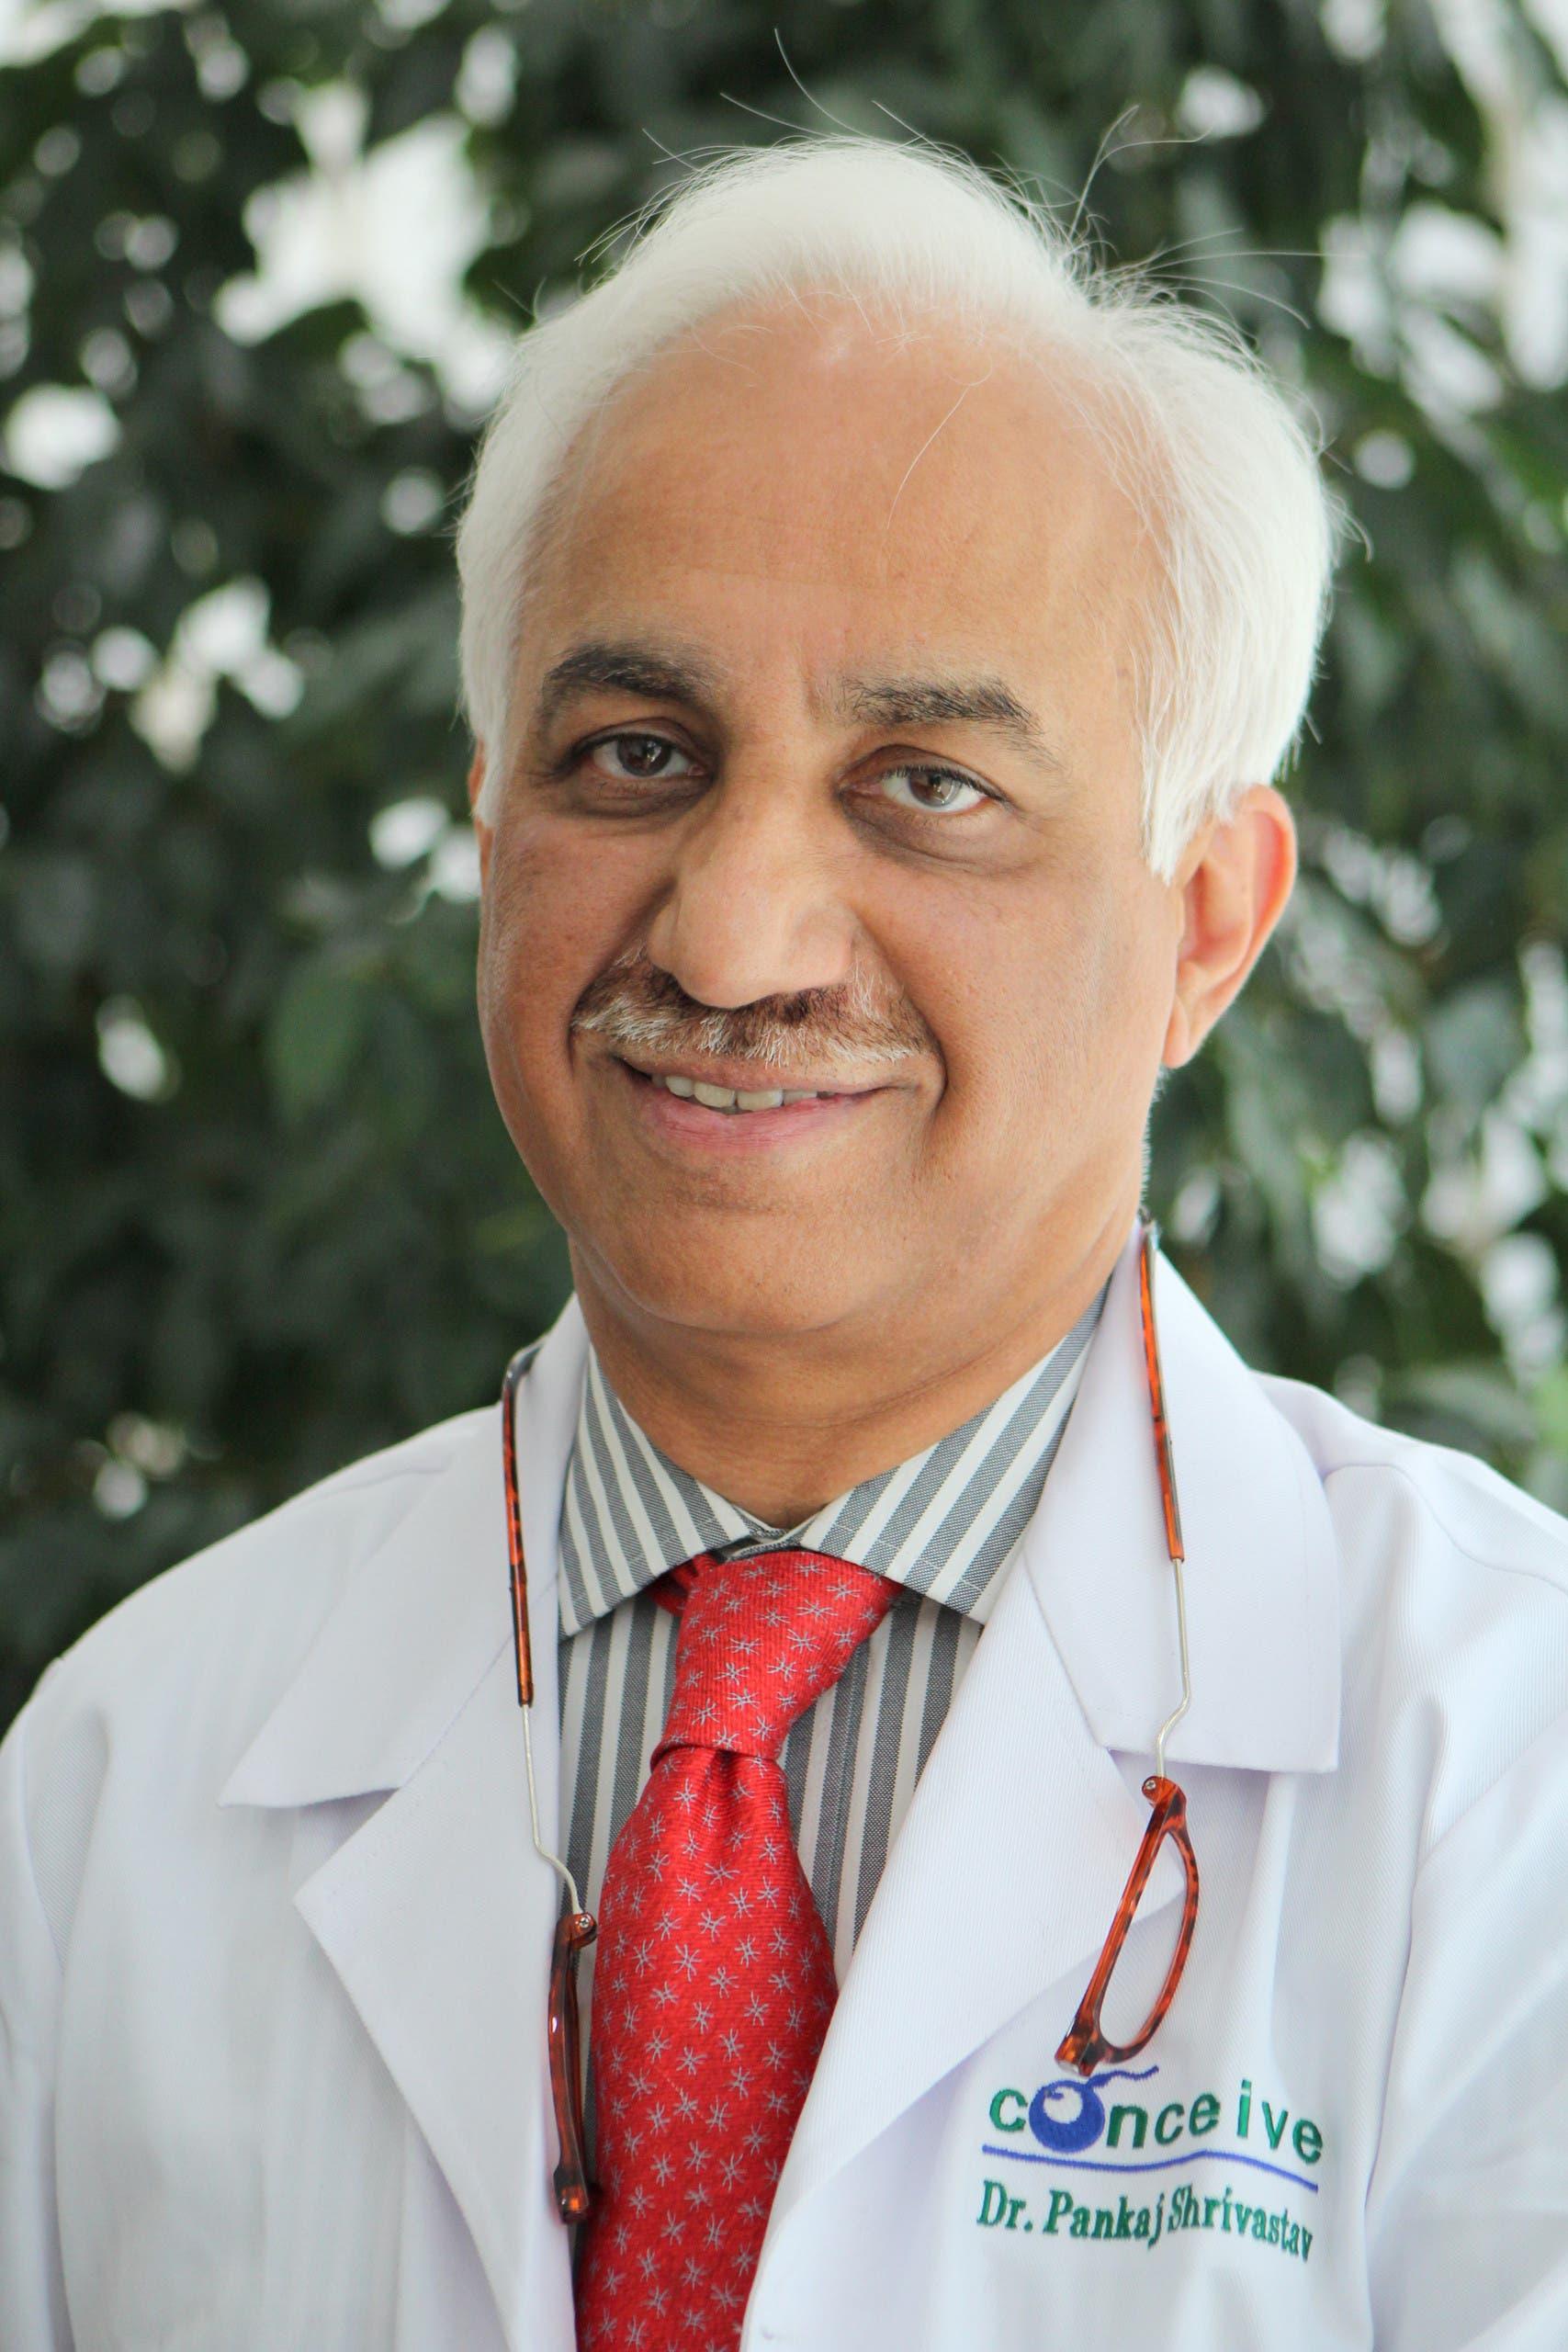 Dr Pankaj Shrivastav, Director, Conceive. (Supplied)